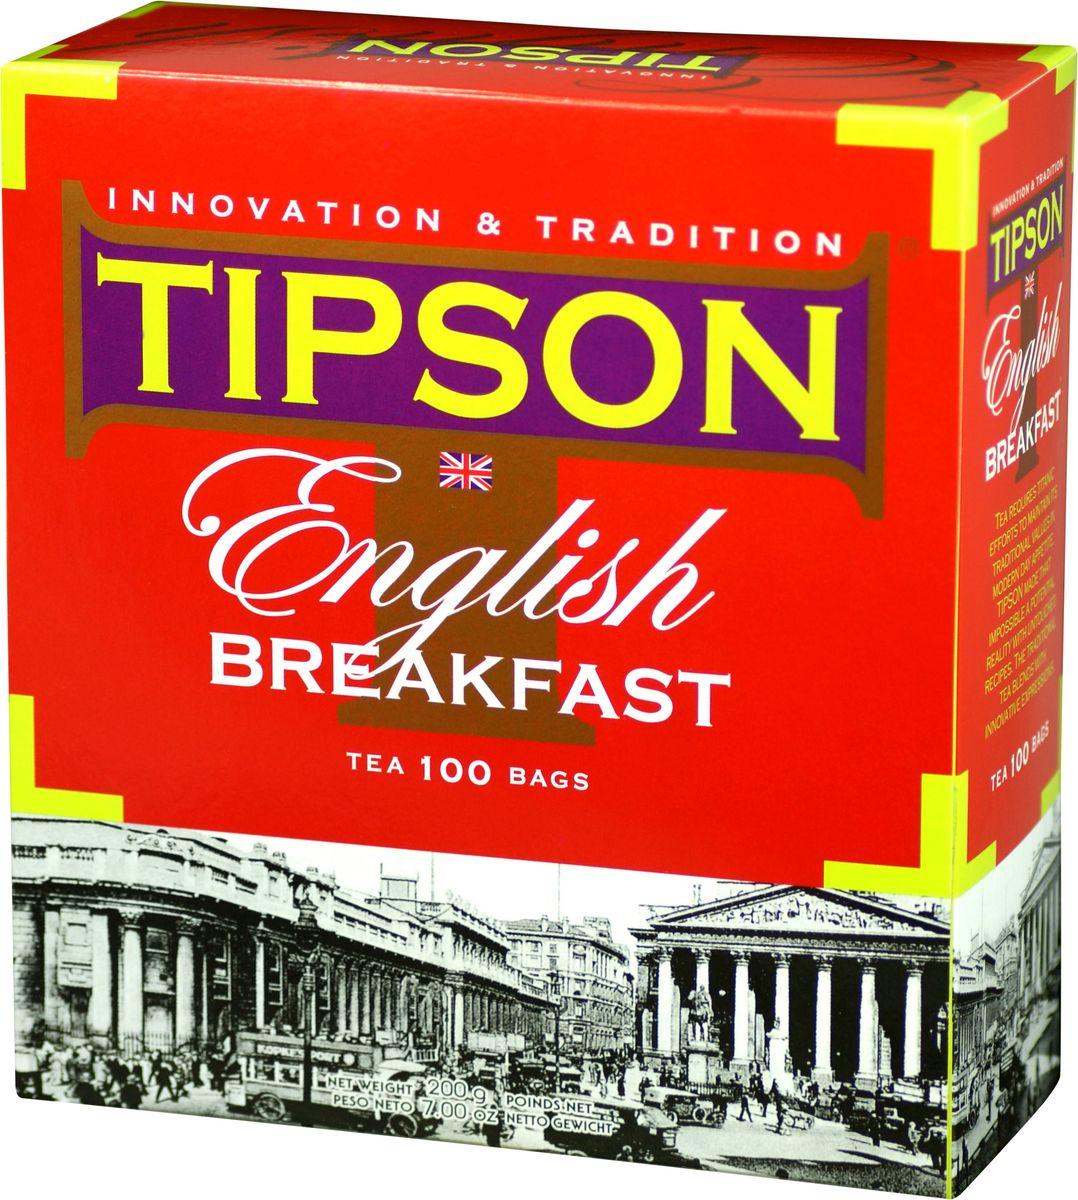 Tipson English Breakfast черный чай в пакетиках, 100 шт0120710Чай чёрный цейлонский байховый листовой Tipson English Breakfast в пакетиках с ярлычками для разовой заварки. Невозможно представить классический английский завтрак без чая. TIPSON поддерживает эту традицию, развивает её и дополняет новаторским подходом.